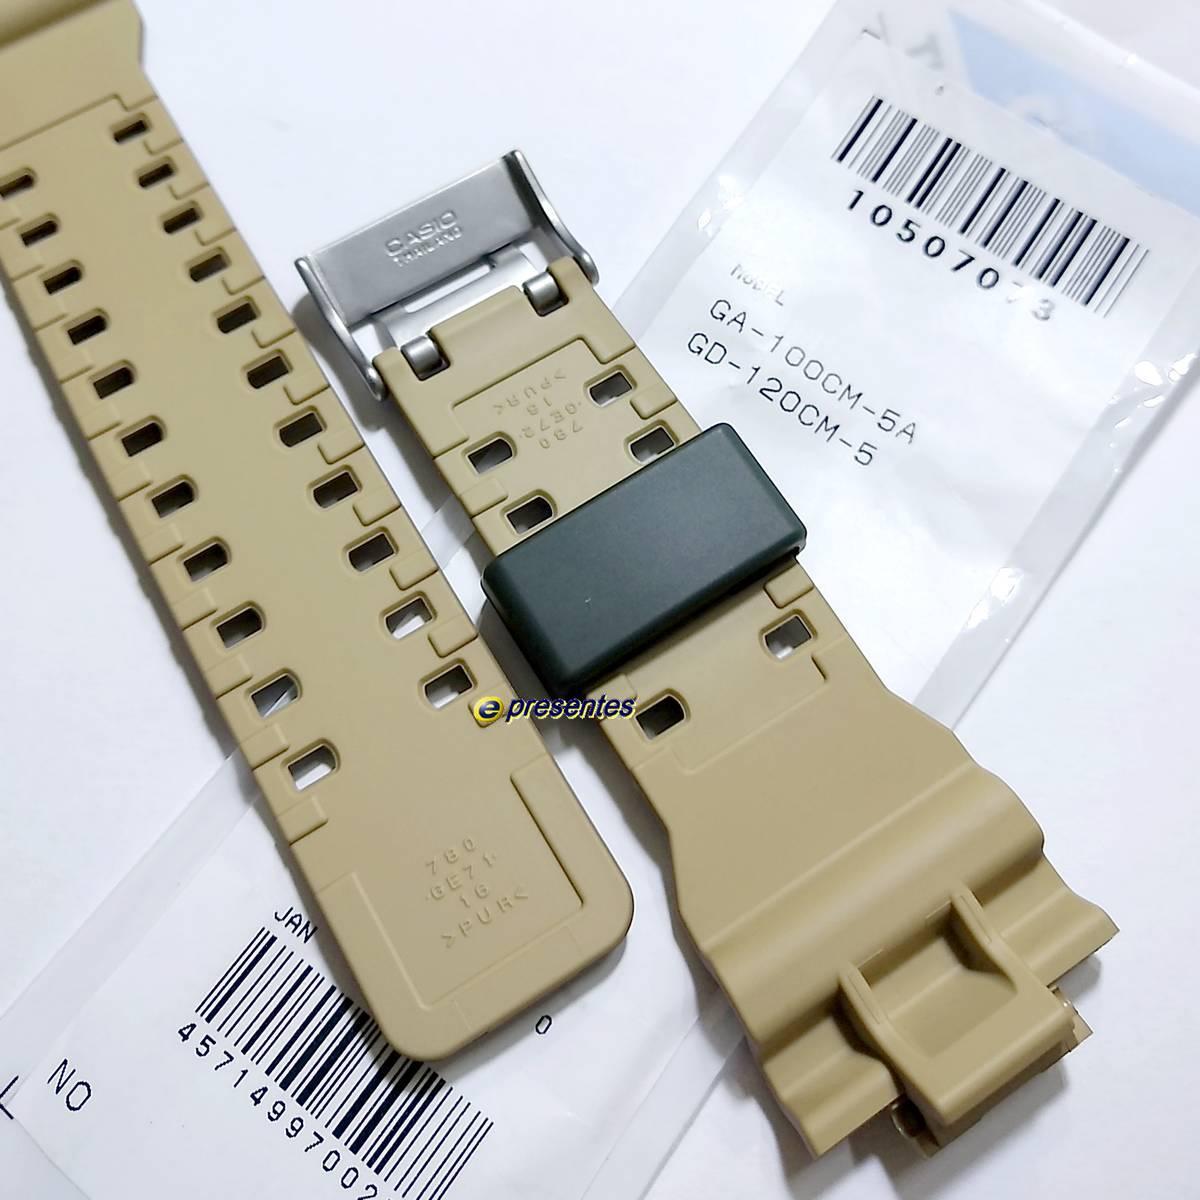 Pulseira Casio G-shock Camuflado Verde GA-100CM-5A GD-120CM-5  - E-Presentes